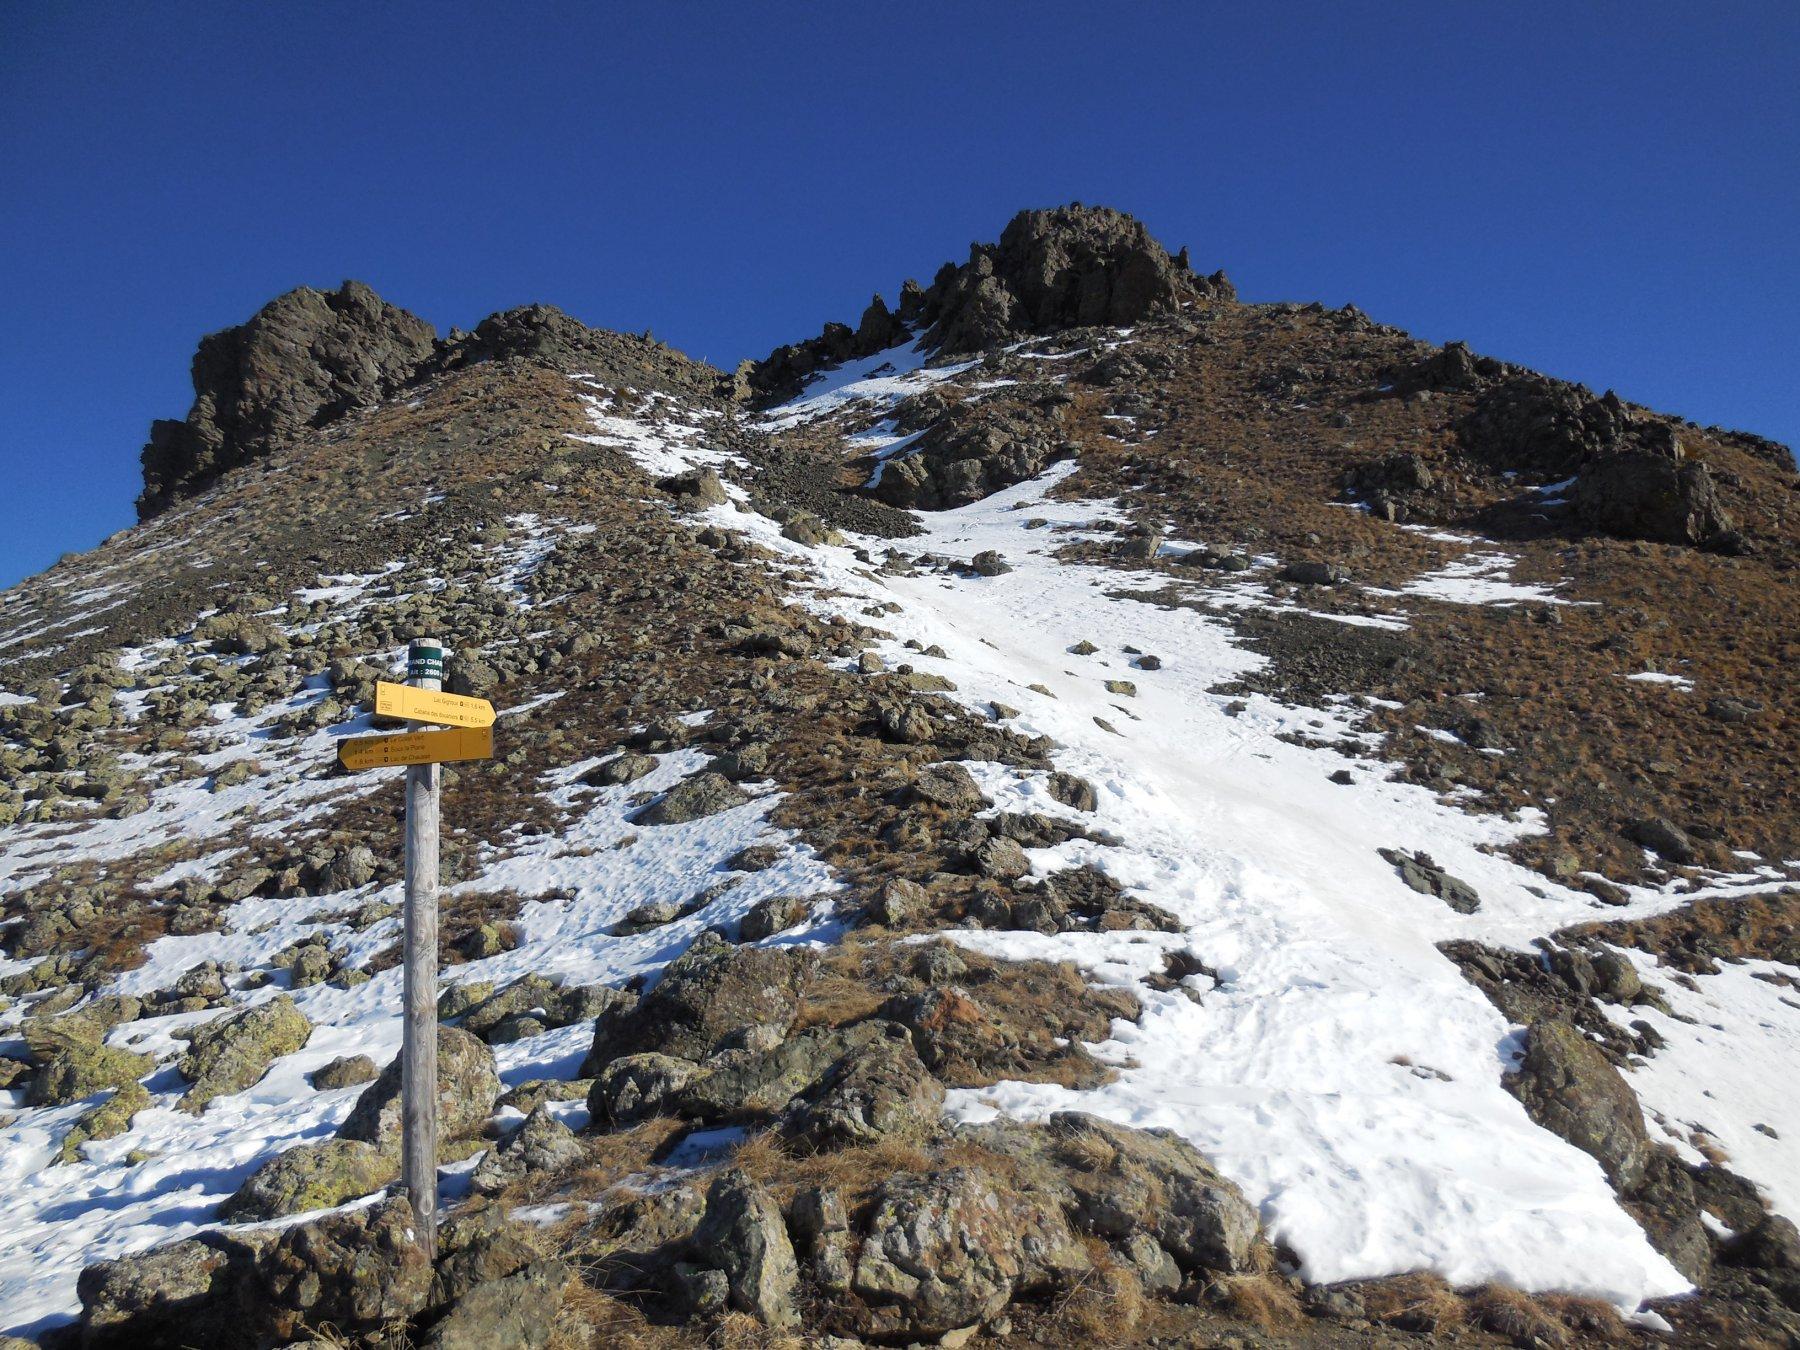 La punta dal colle dove si mollano gli sci